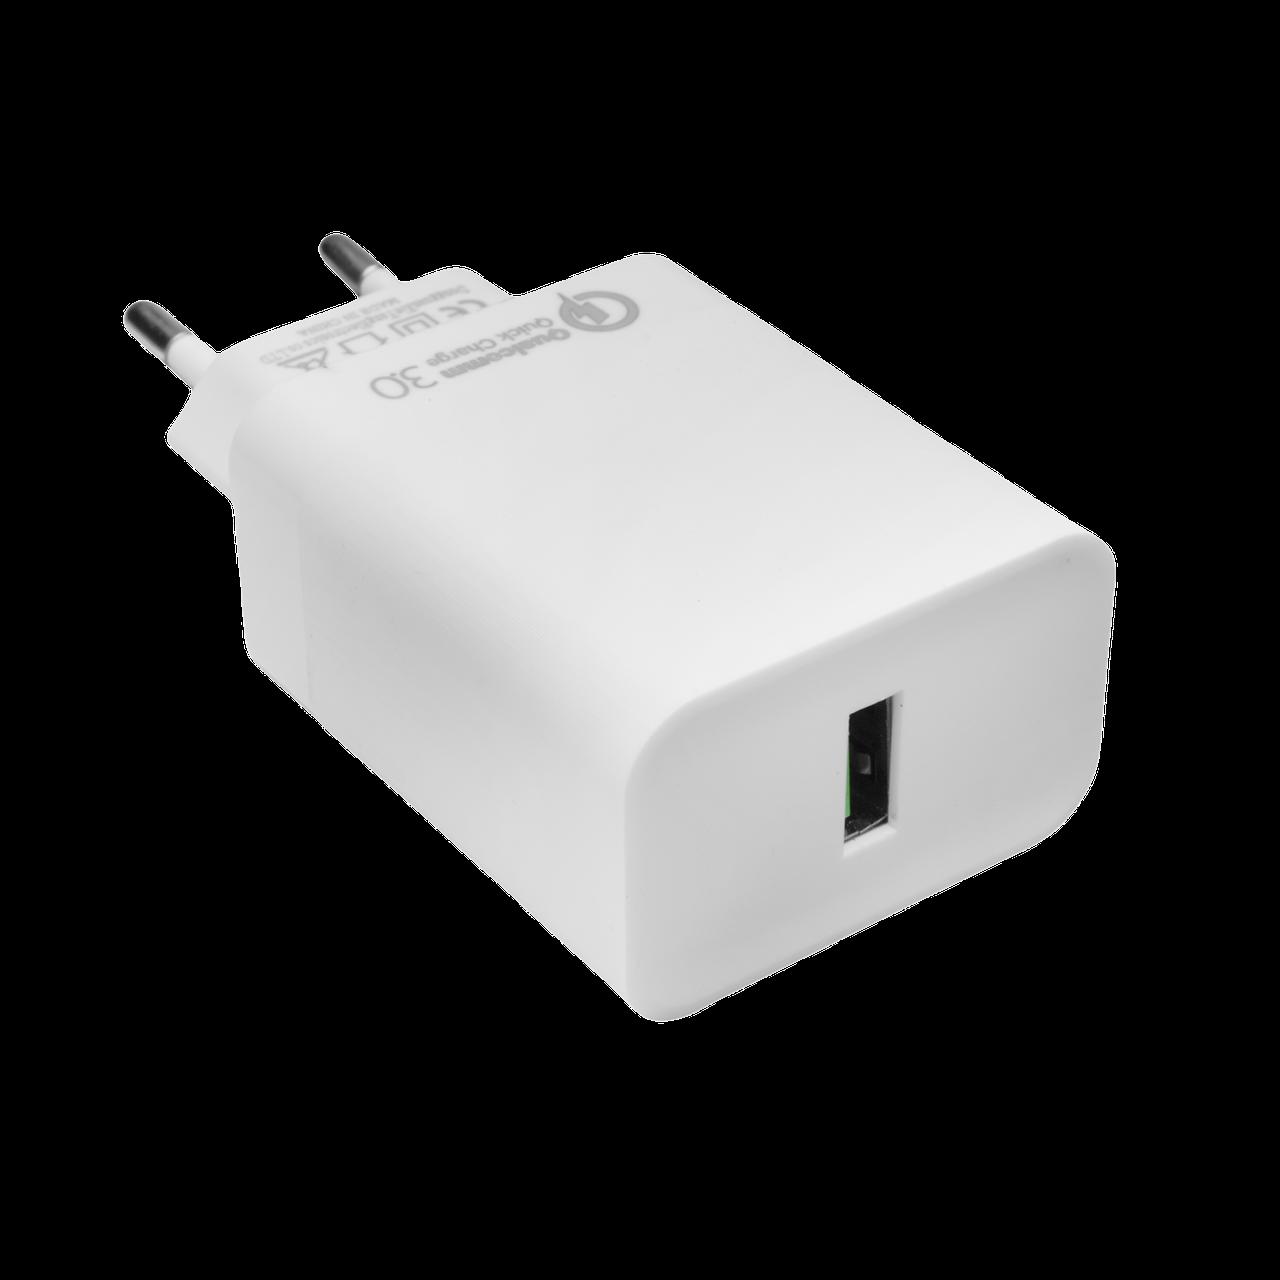 Быстрое зарядное устройство LP AC-011 USB 5V 3А Quick Charge 3.0 /OEM